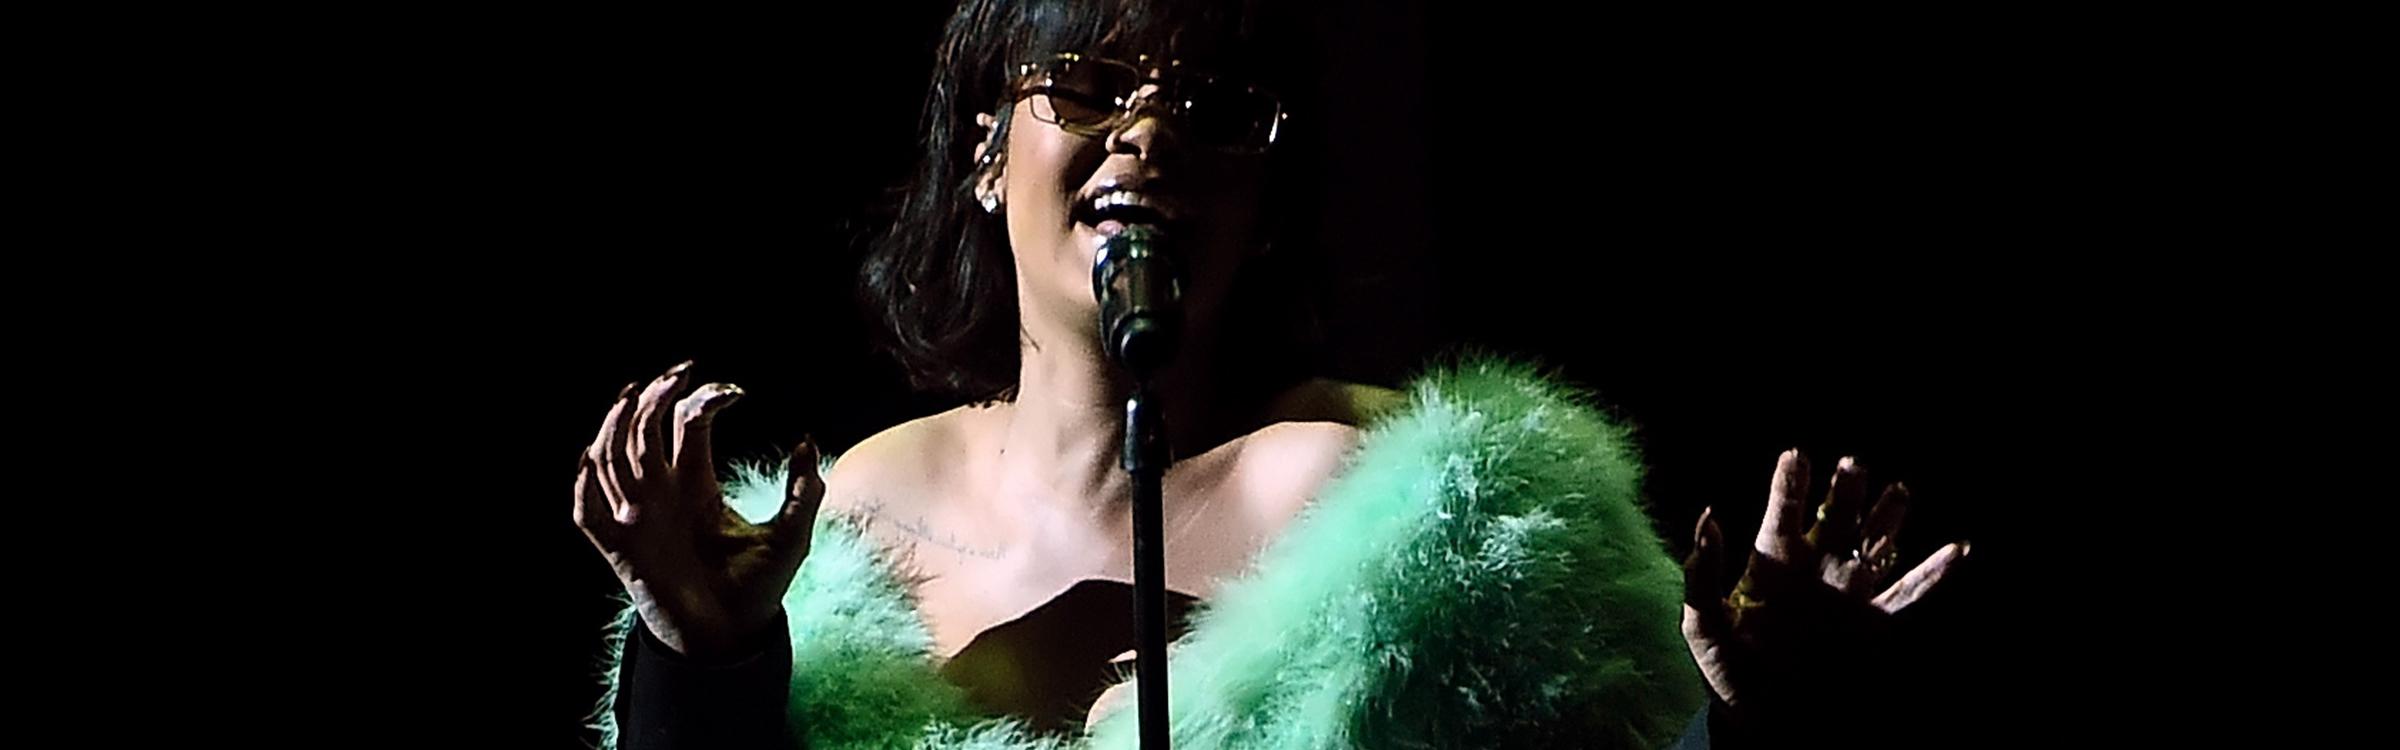 Rihanna 03303